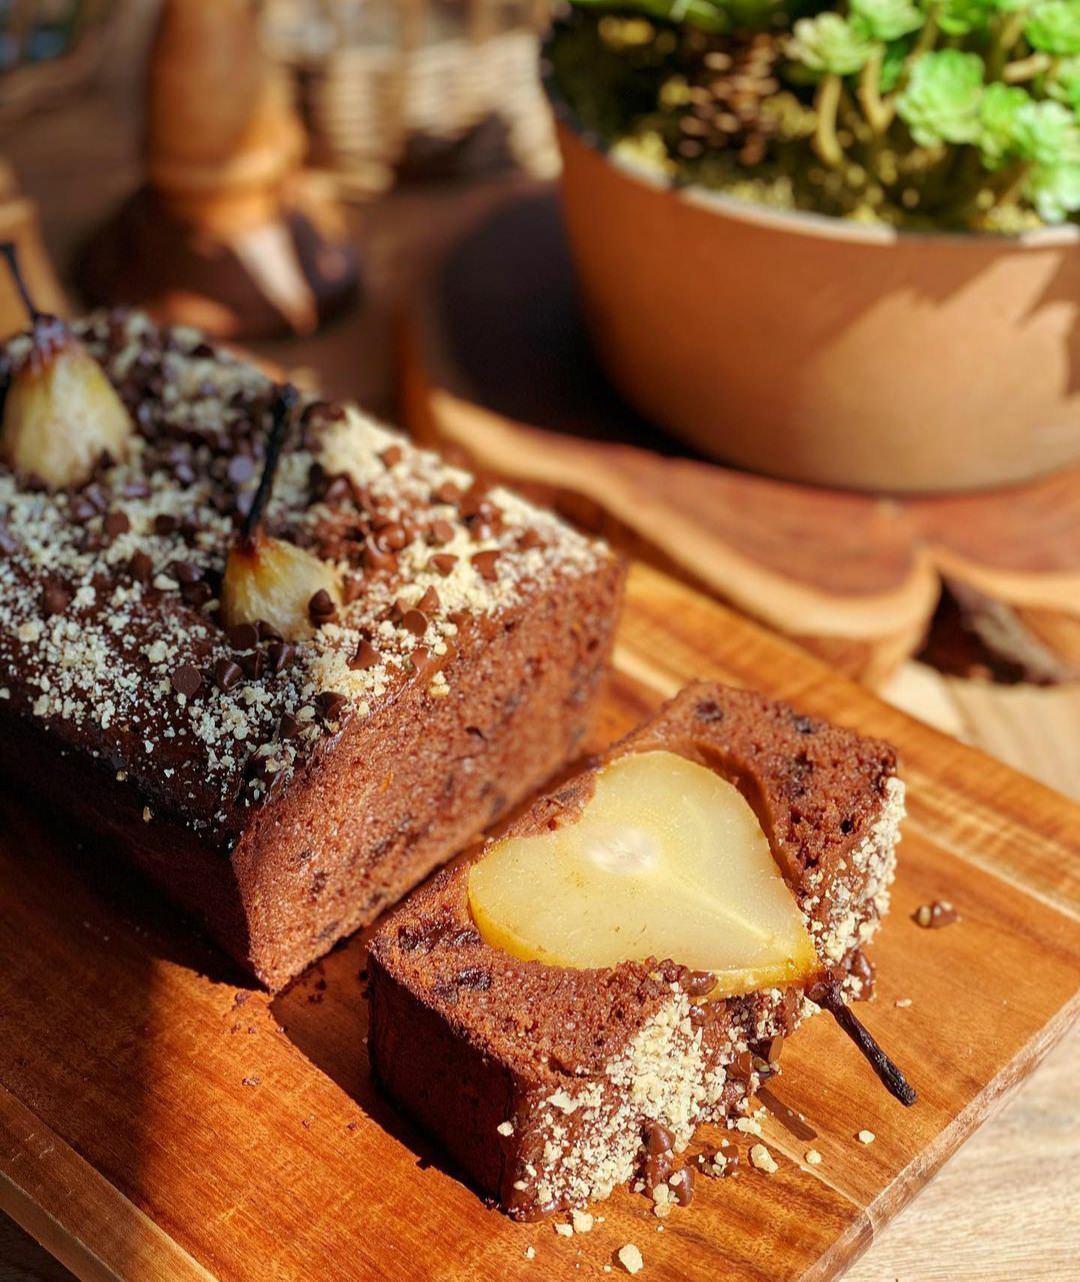 Супер шоколадний кекс з грушами. Покроковий рецепт приготування